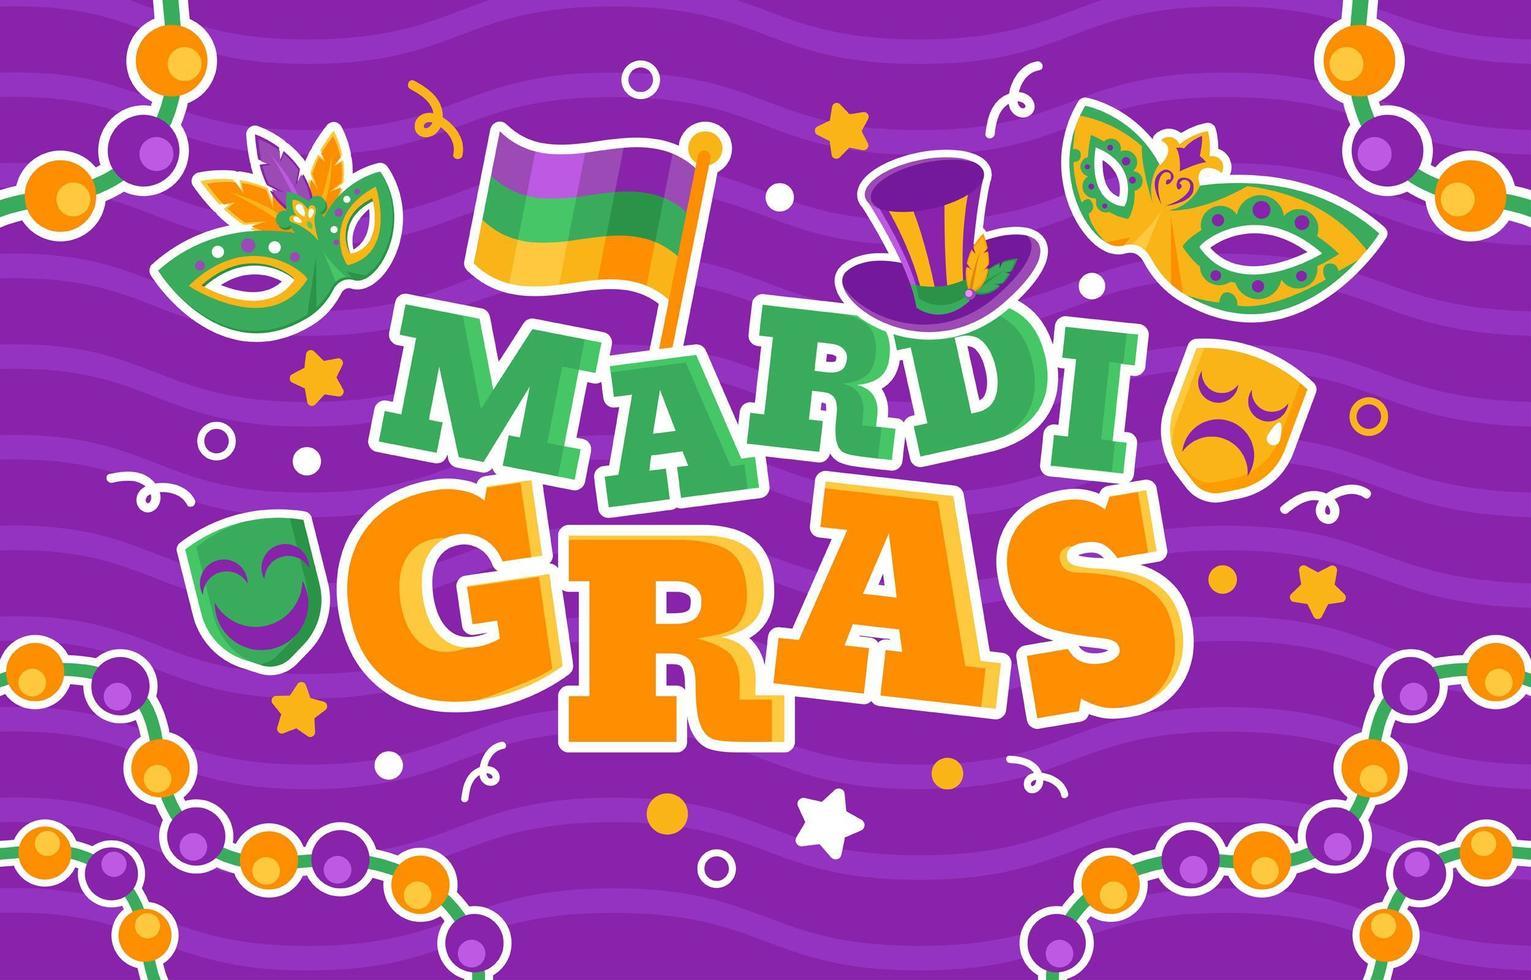 Colorful Festive Mardi Gras vector